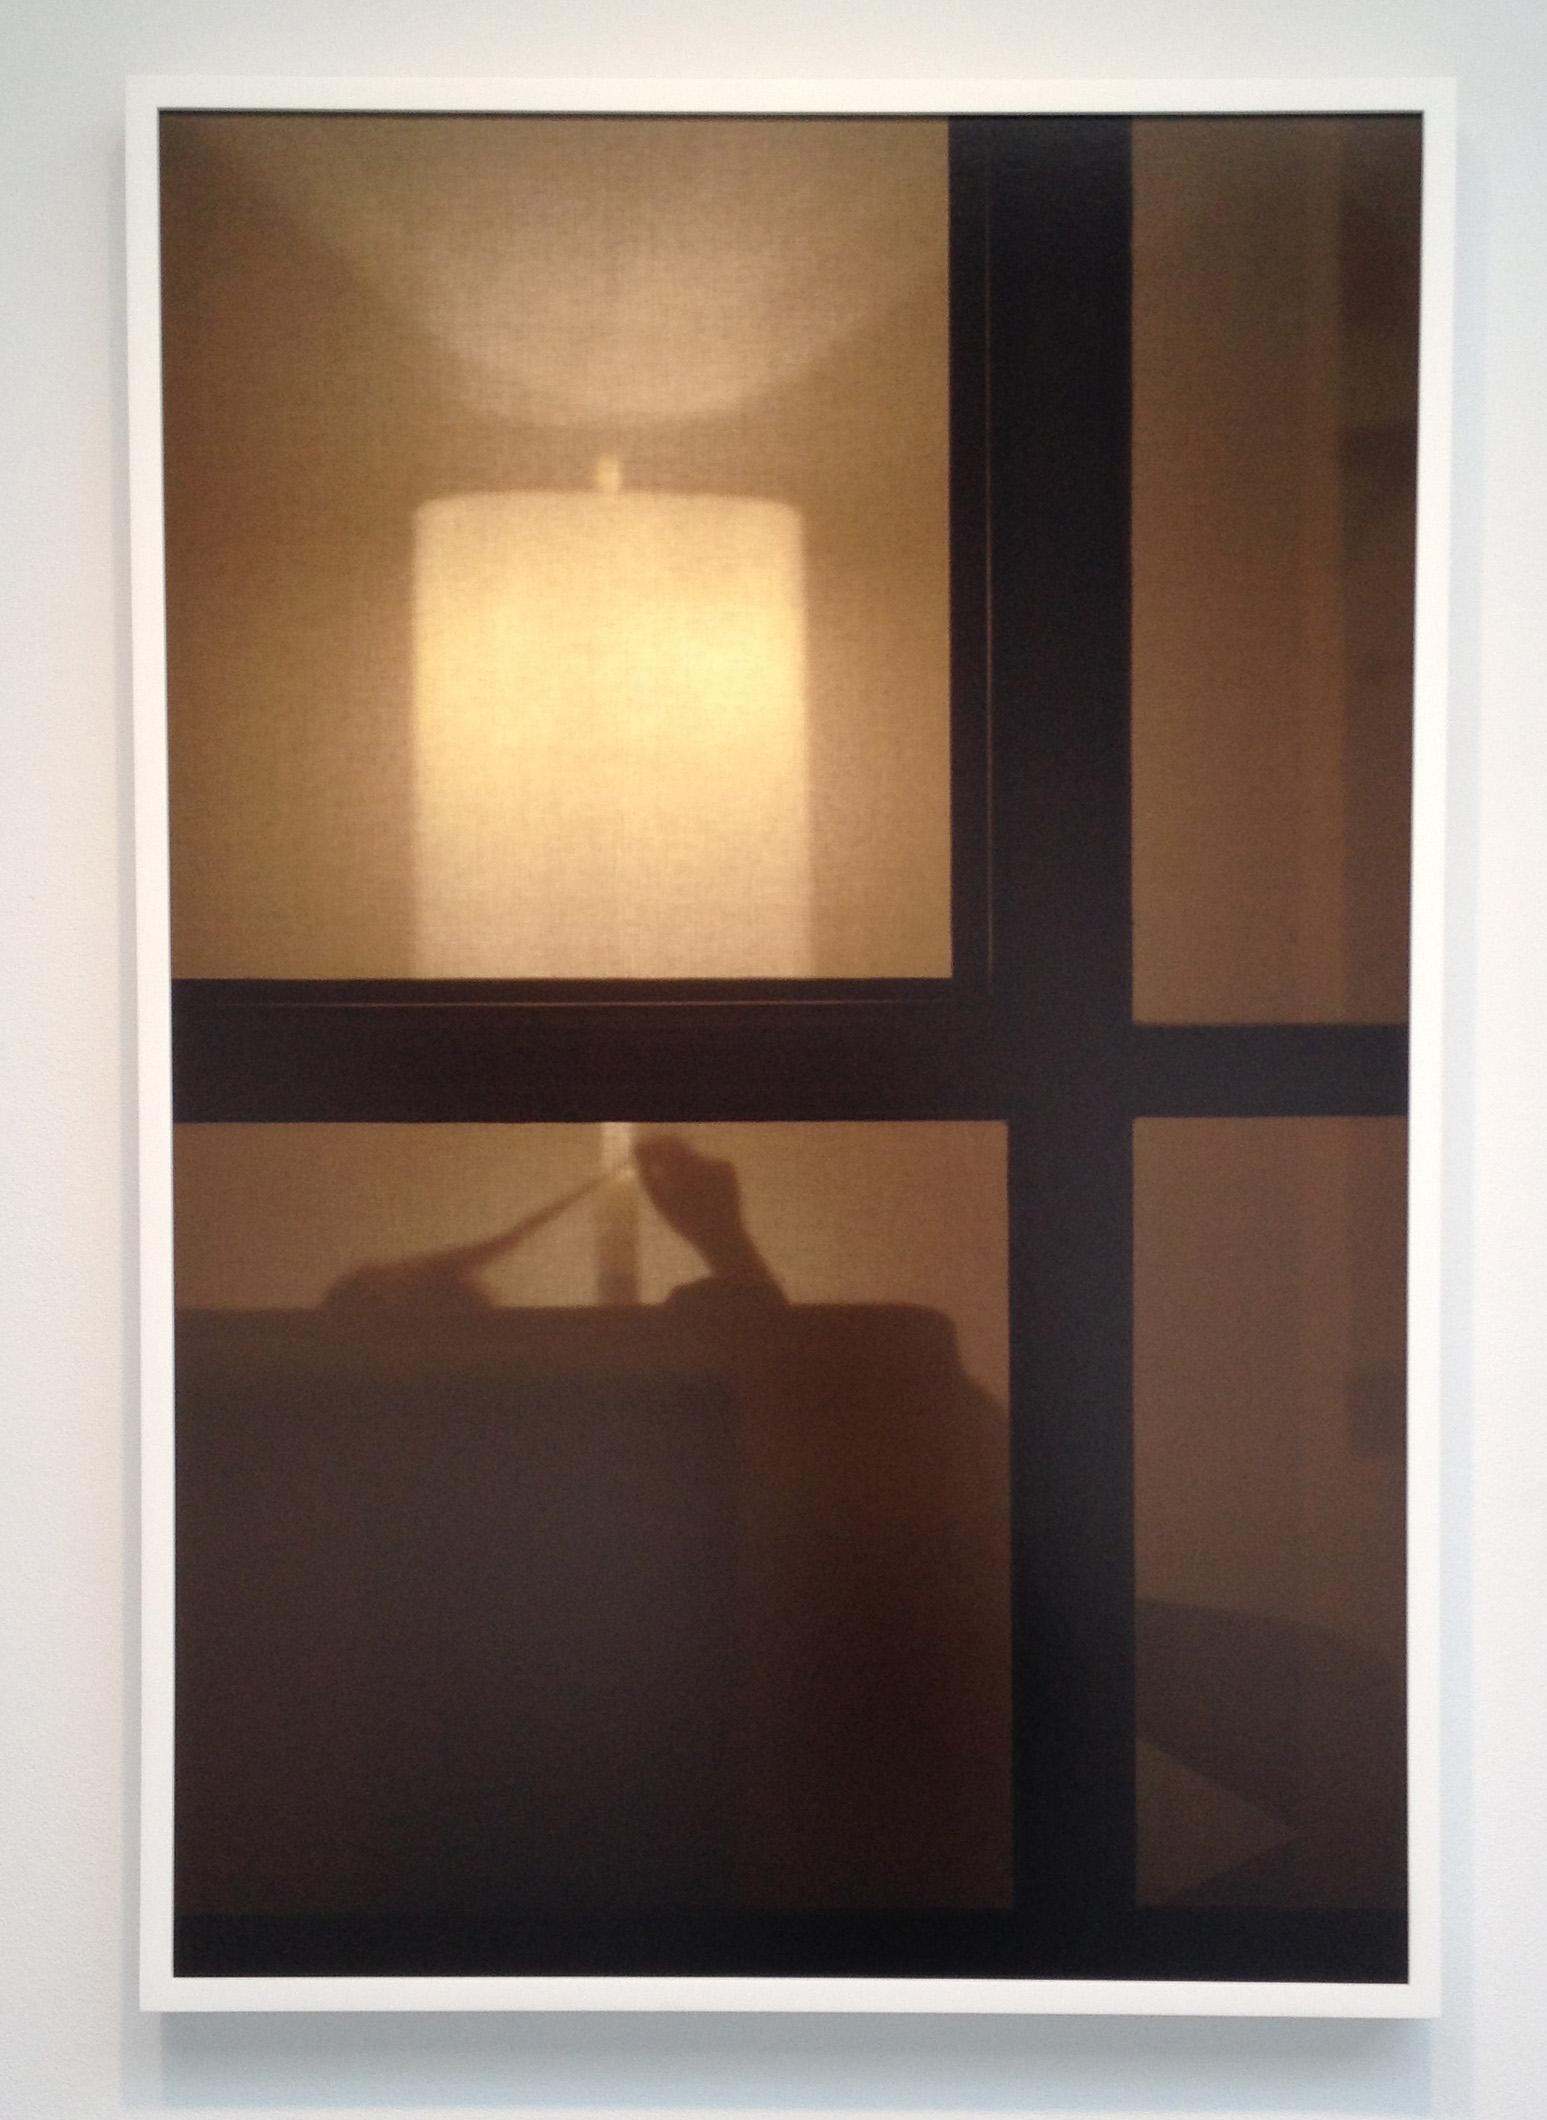 Через окно подсматривает 24 фотография